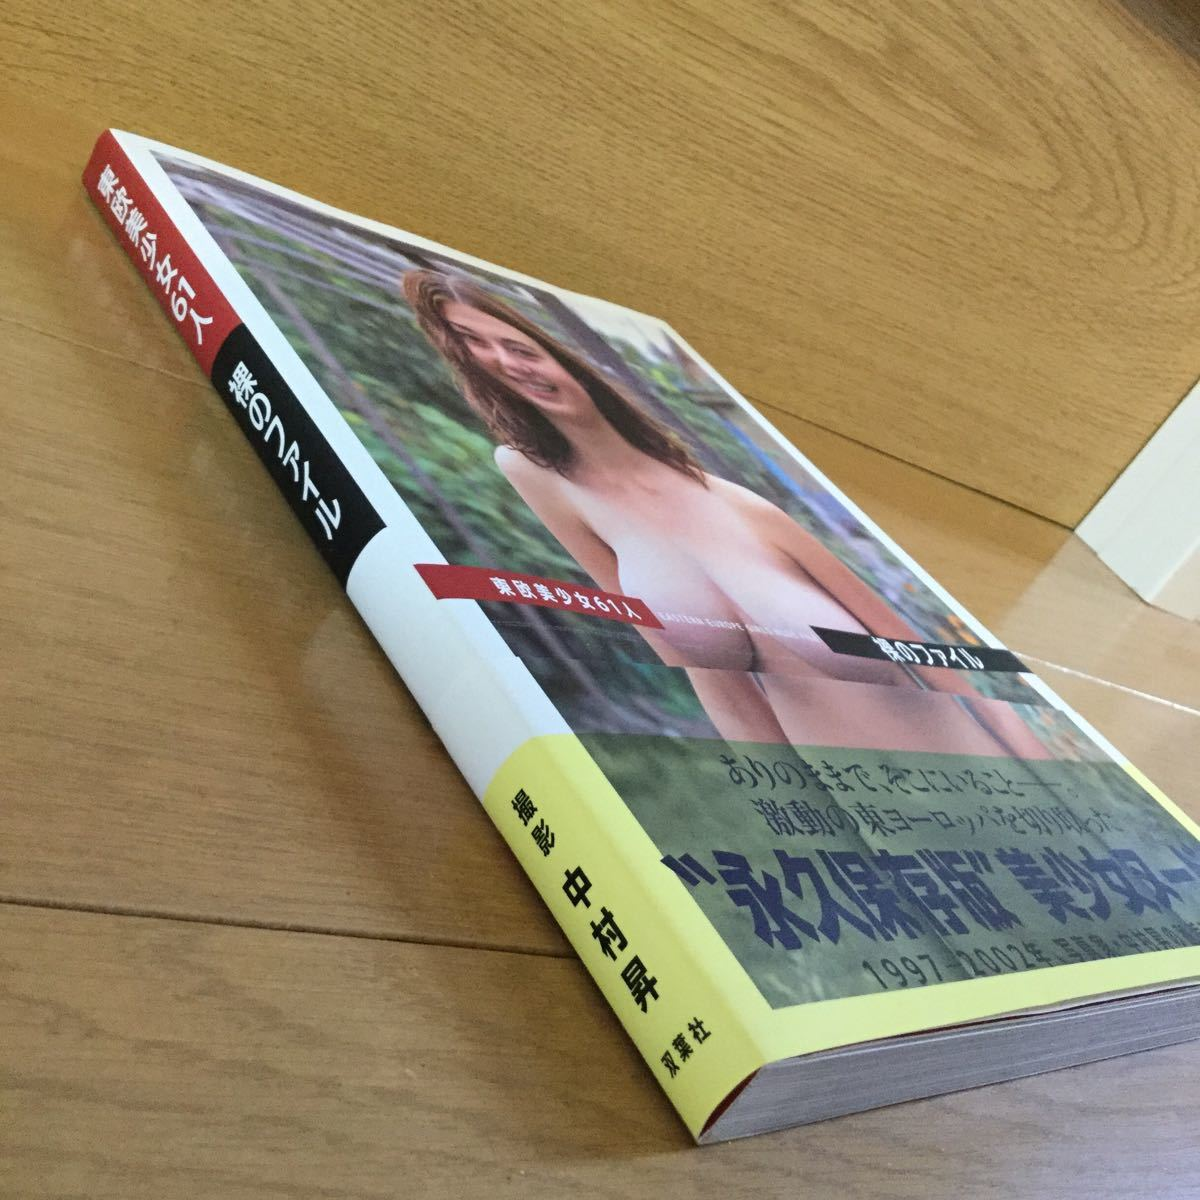 廃盤稀少品 ヘアヌード写真集 「東欧美少女61人 裸のファイル」 全158ページ オールカラー 美中古 中村昇氏撮影_画像6